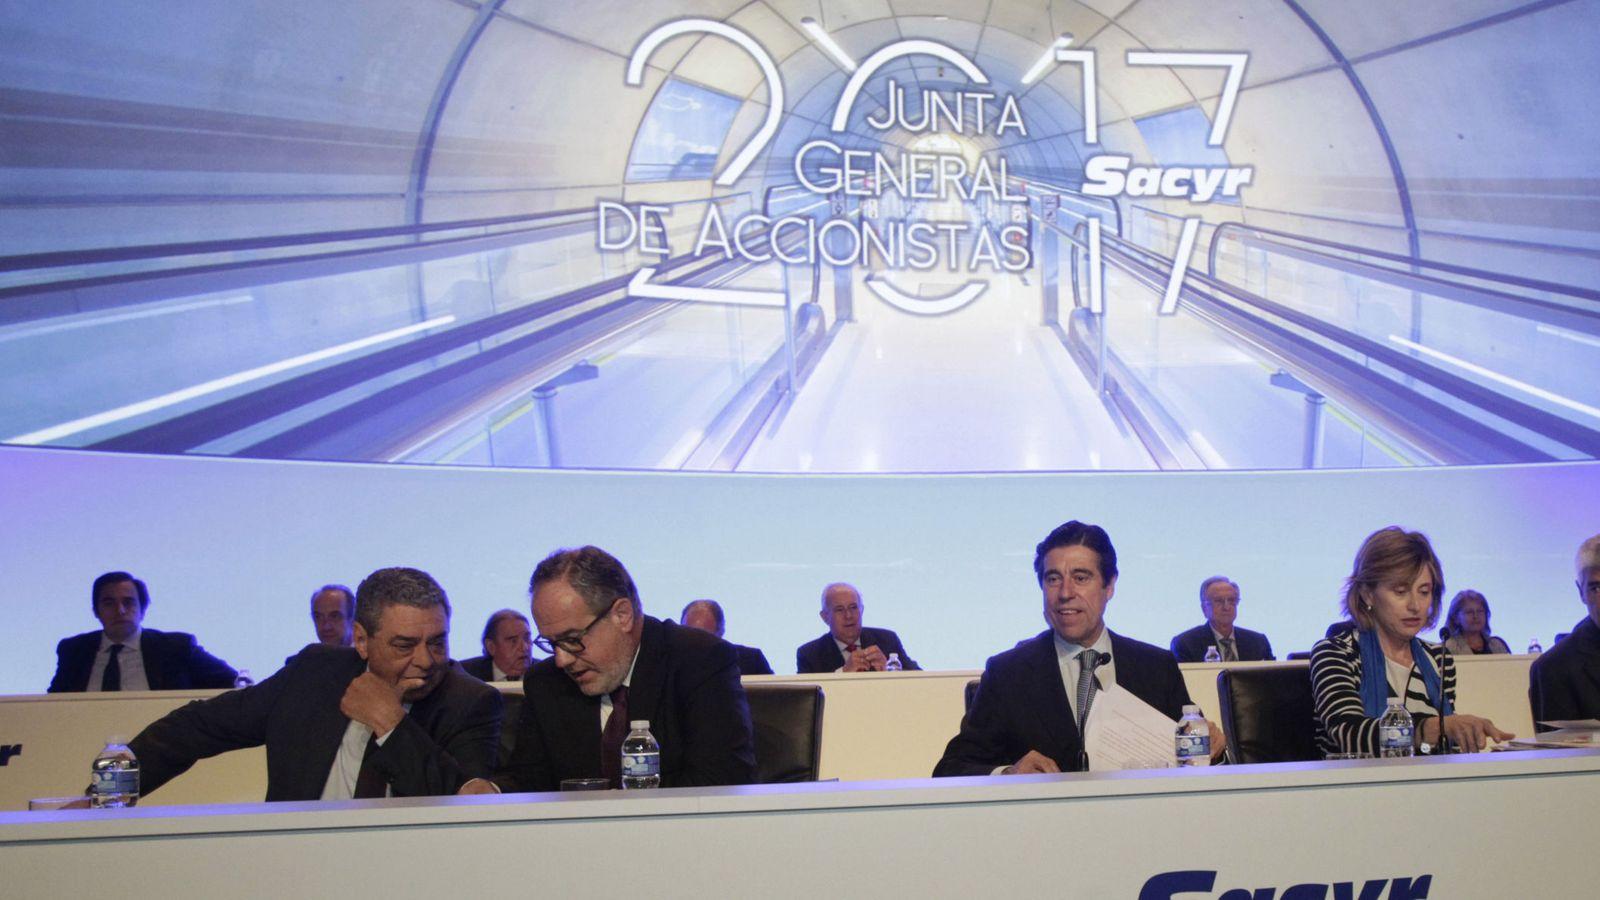 Foto: Junta general de accionistas de Sacyr.